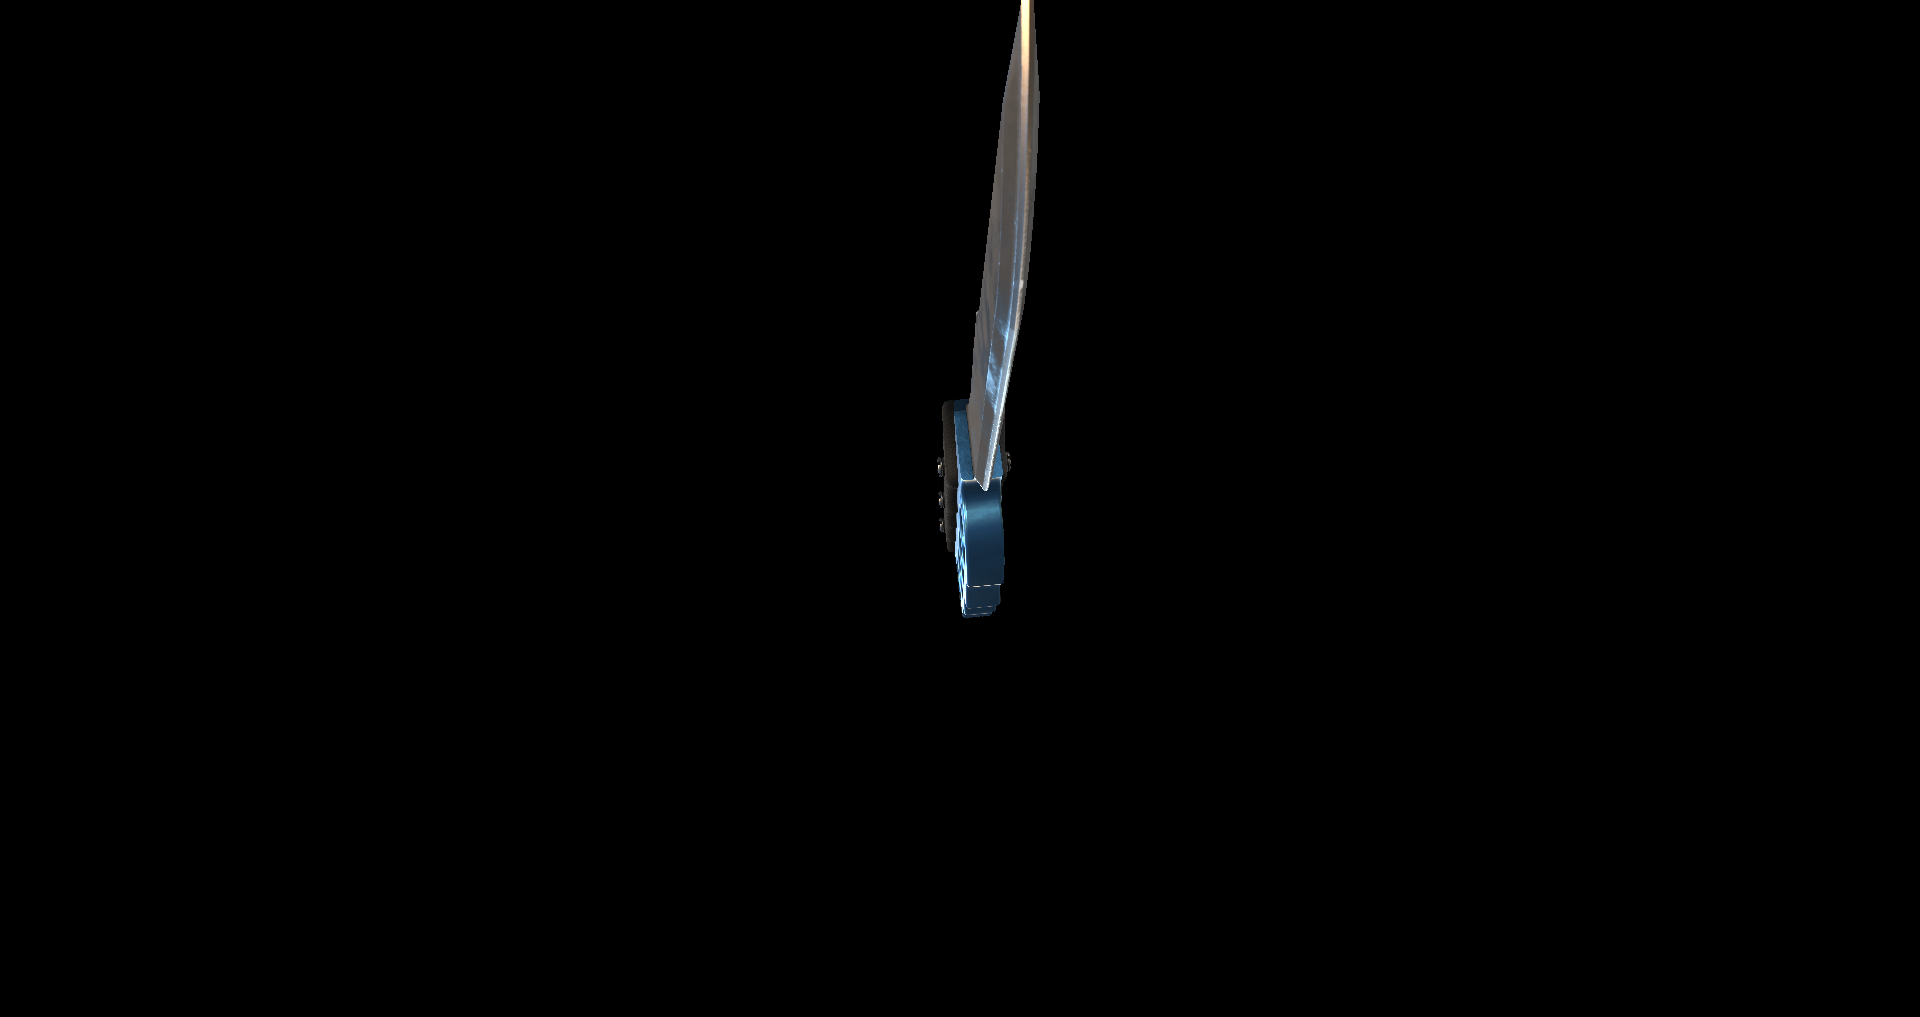 0000020.png Télécharger fichier STL gratuit couteau • Design imprimable en 3D, g4bbigo